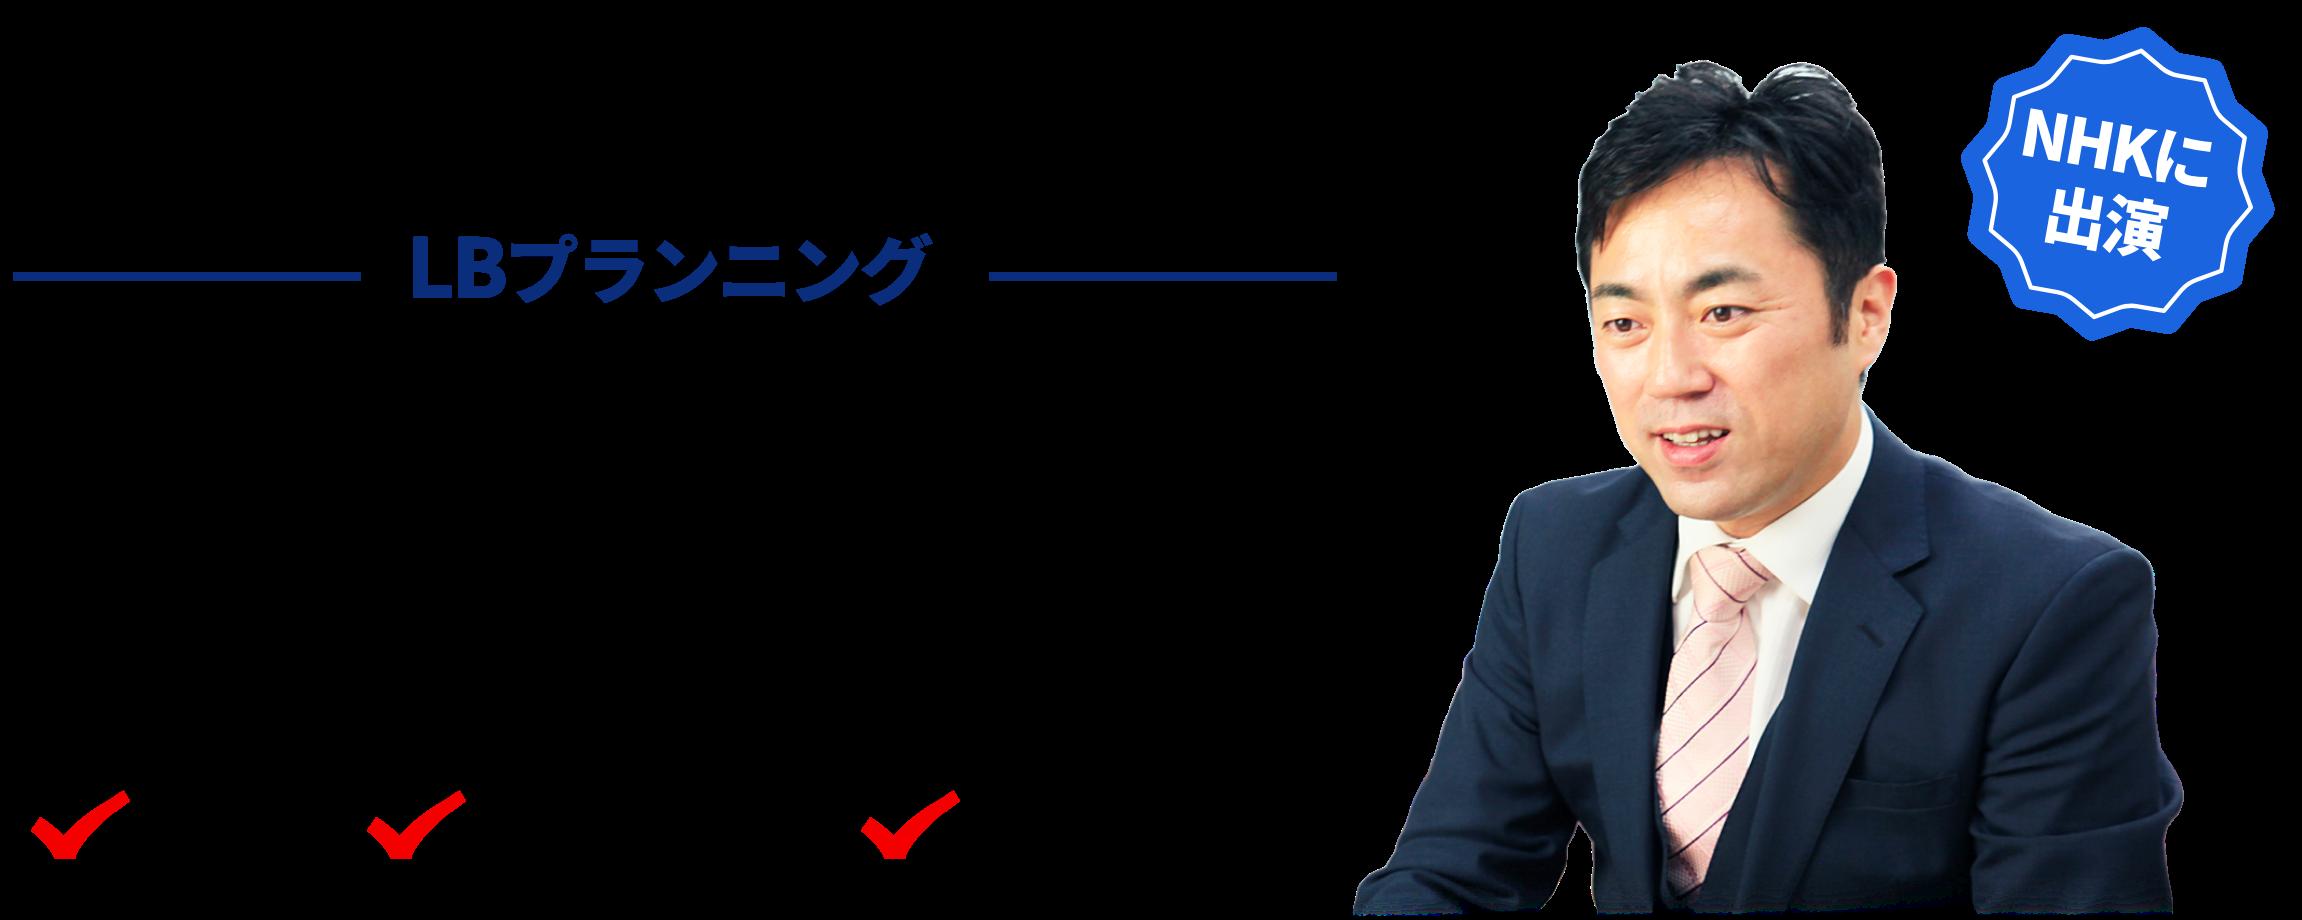 大阪のファイナンシャルプランナー FP